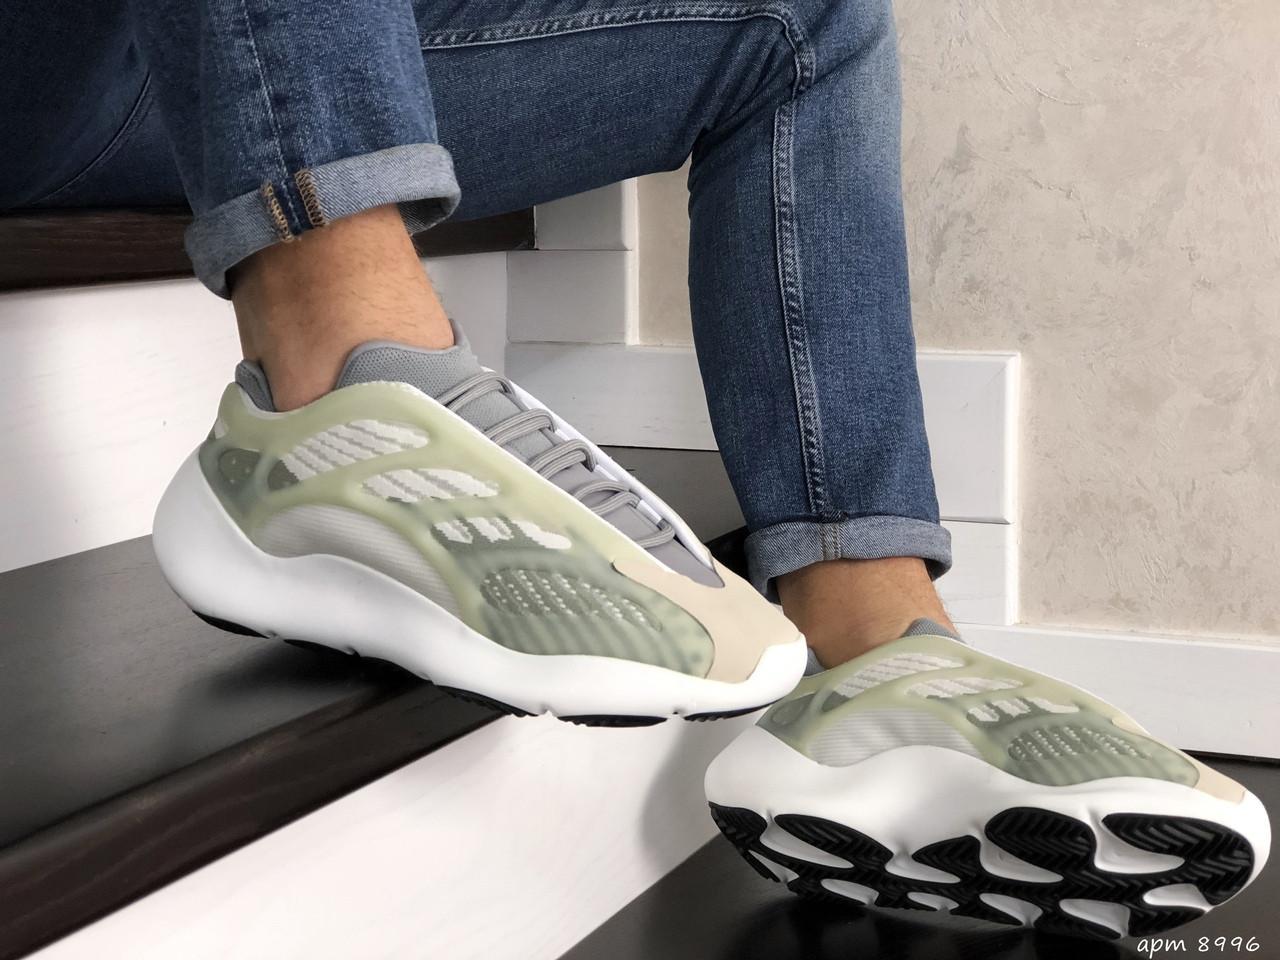 Мужские кроссовки Adidas Yeezy Boost 700 V3 (бежевые) 8996